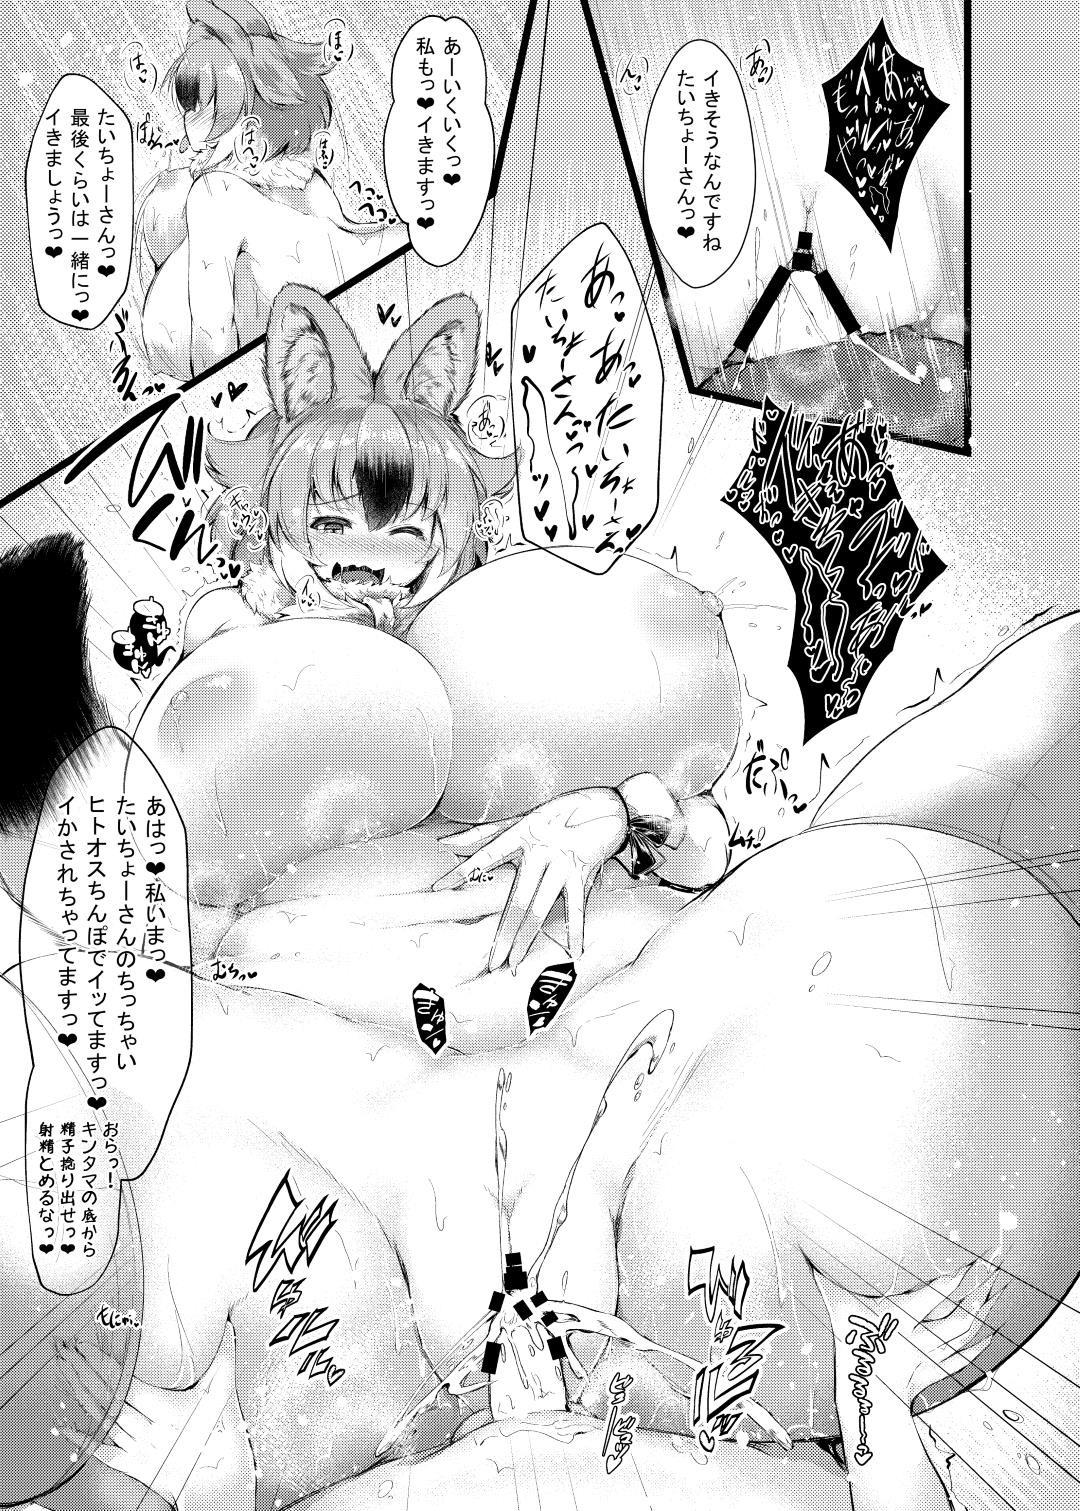 【エロ同人誌】ショタ隊長を逆レイプする爆乳ケモ耳むちむちお姉さん…騎乗位で腰を振り続けて連続射精させてイキまくりショタ精子を搾り取る【ギンザケ:たいちょーさんっ! かくごしてくださいっ♥】